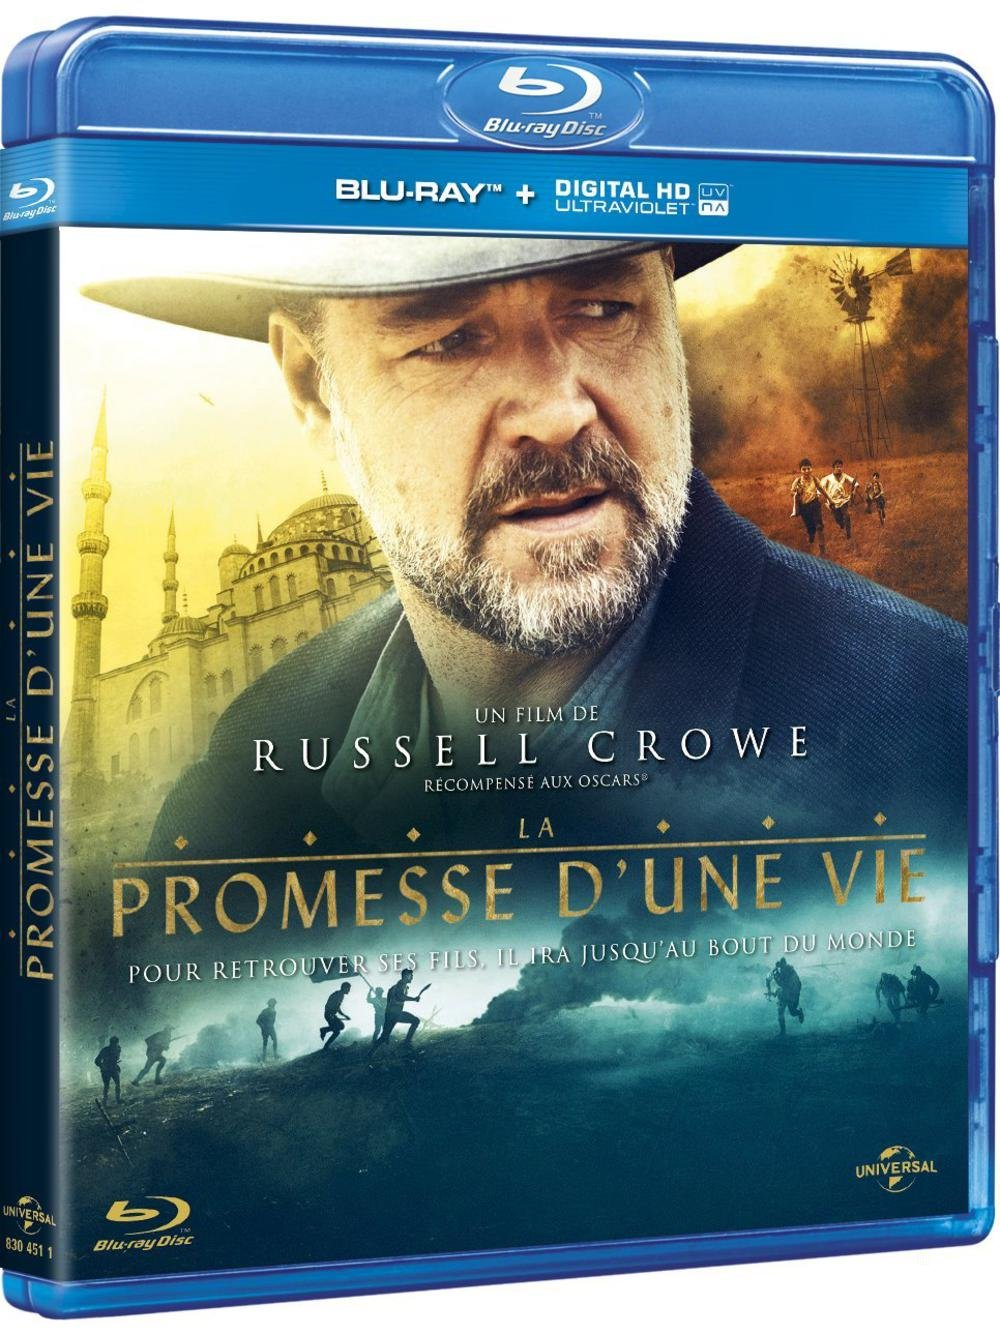 [MULTI] [Blu-Ray 720p] La Promesse d'une vie